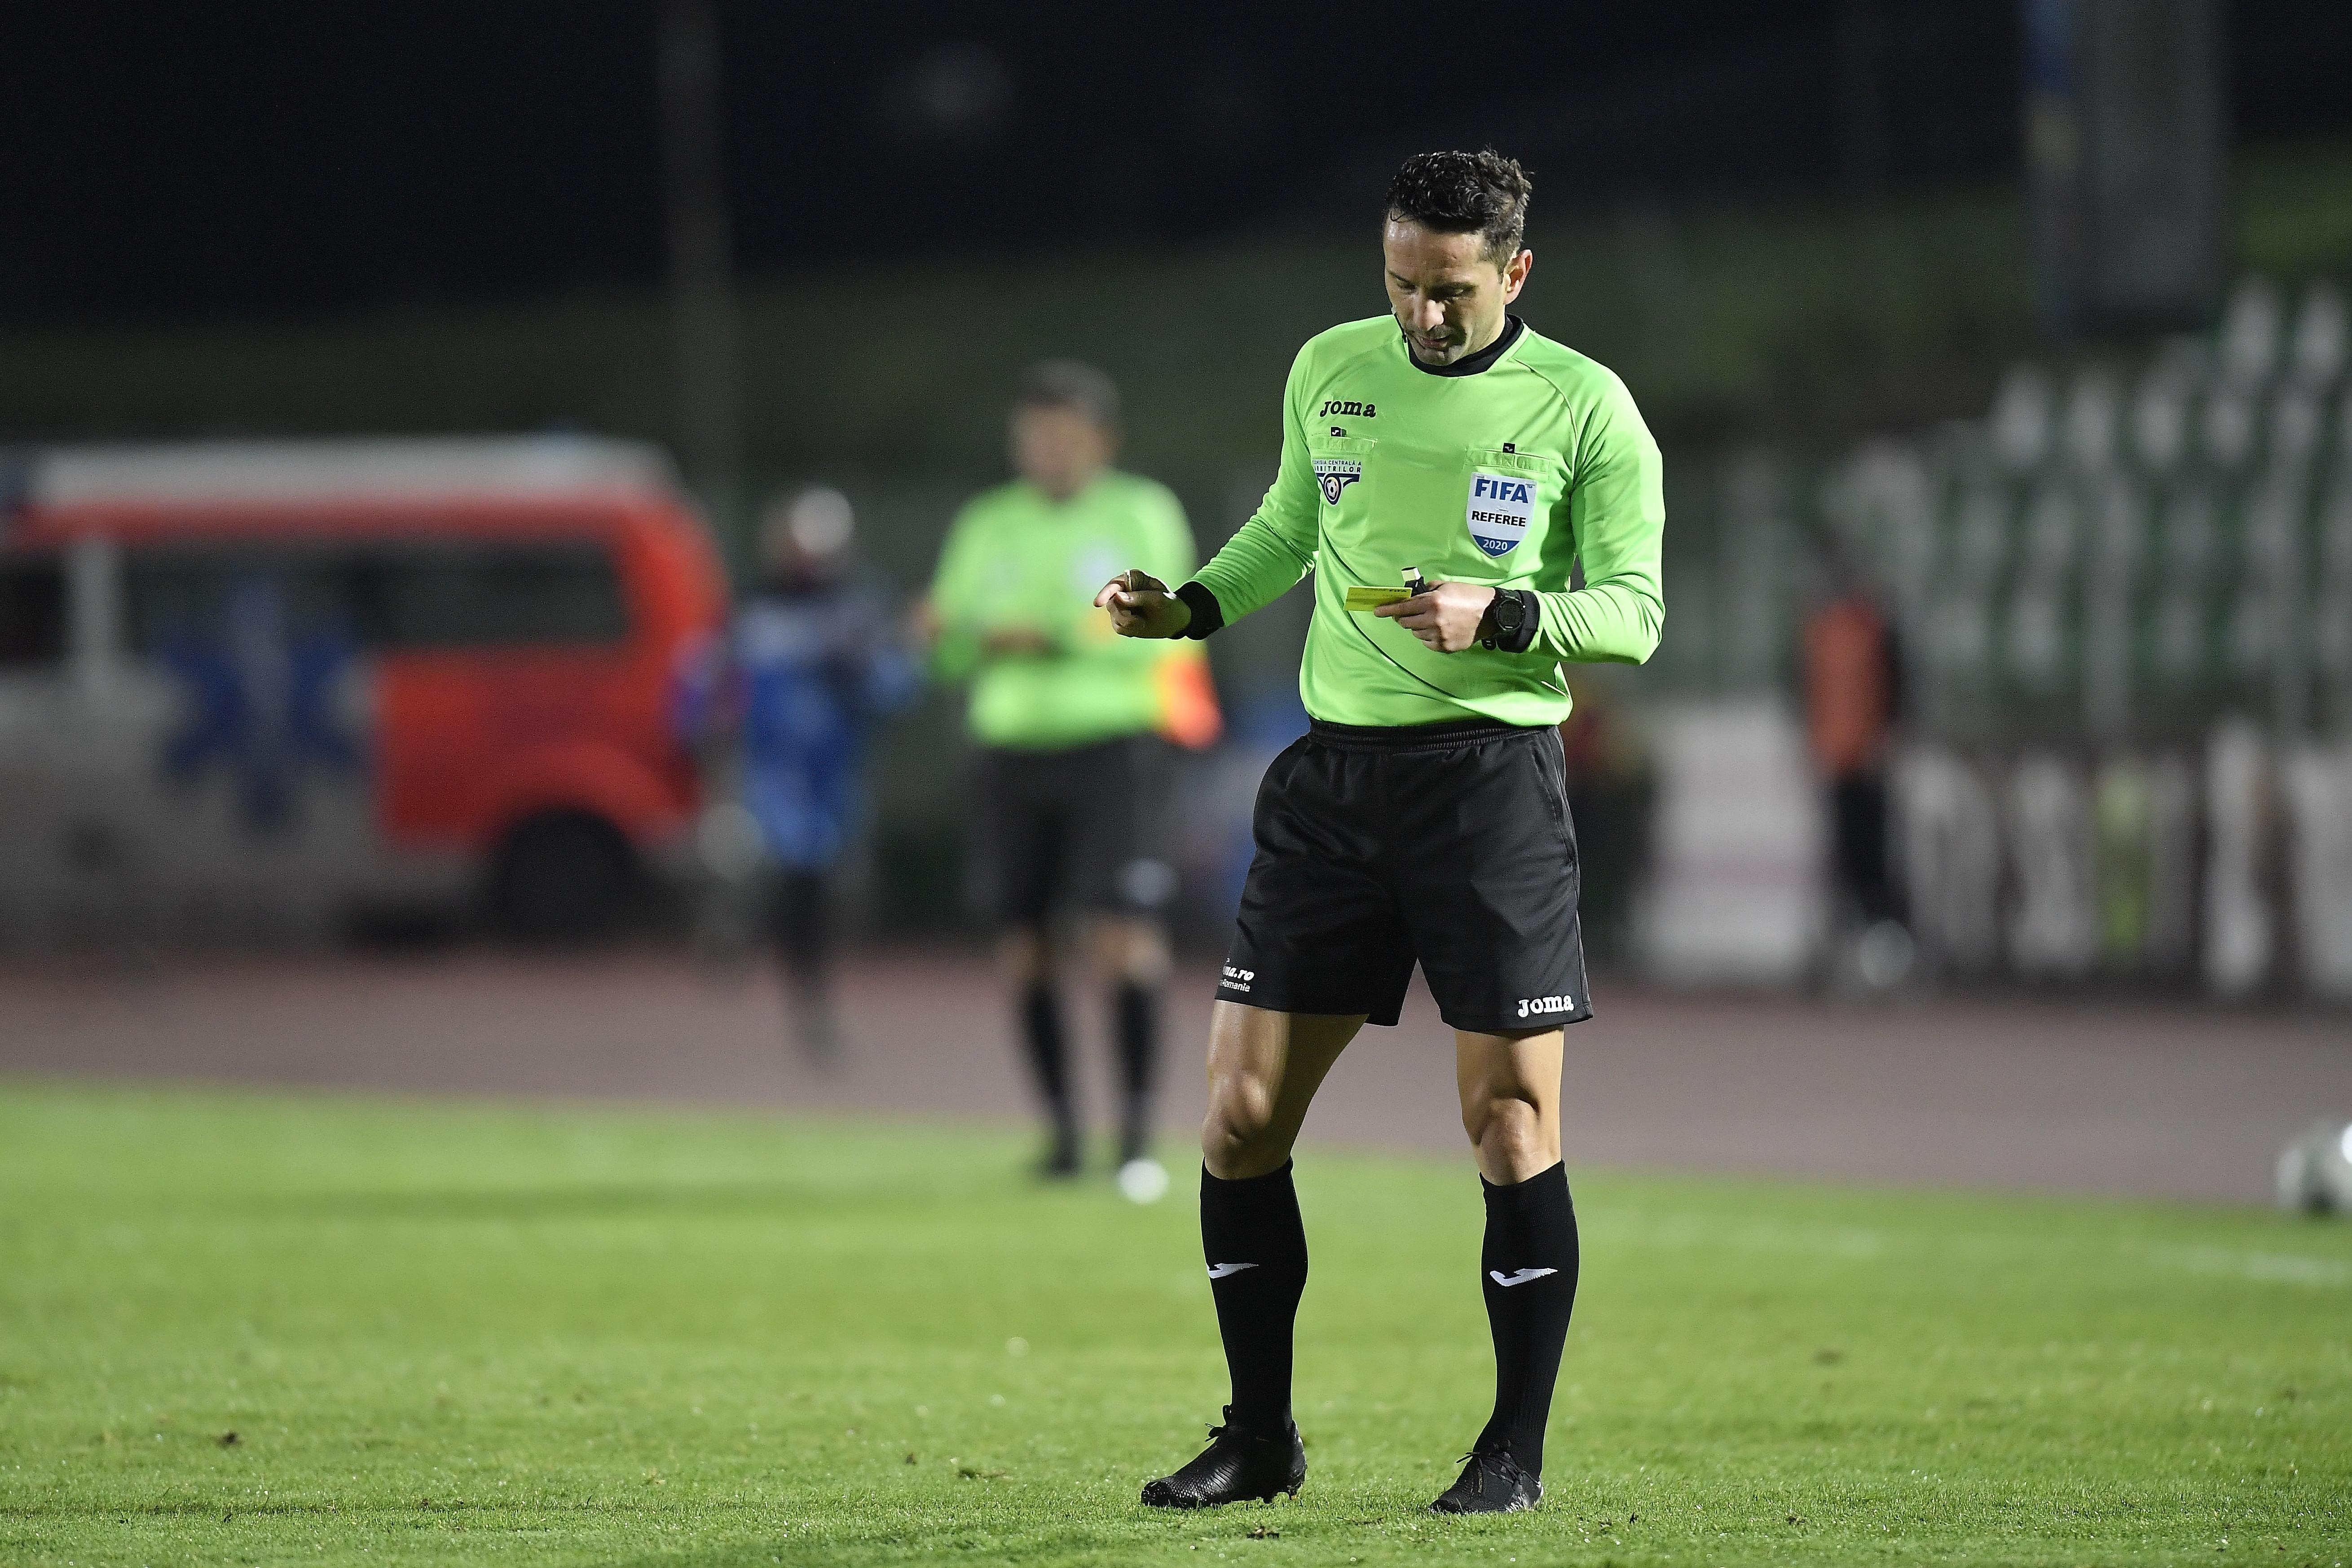 Nem bünteti meg a román bírót az UEFA, aki miatt félbeszakadt a PSG és a Basaksehir BL-meccse